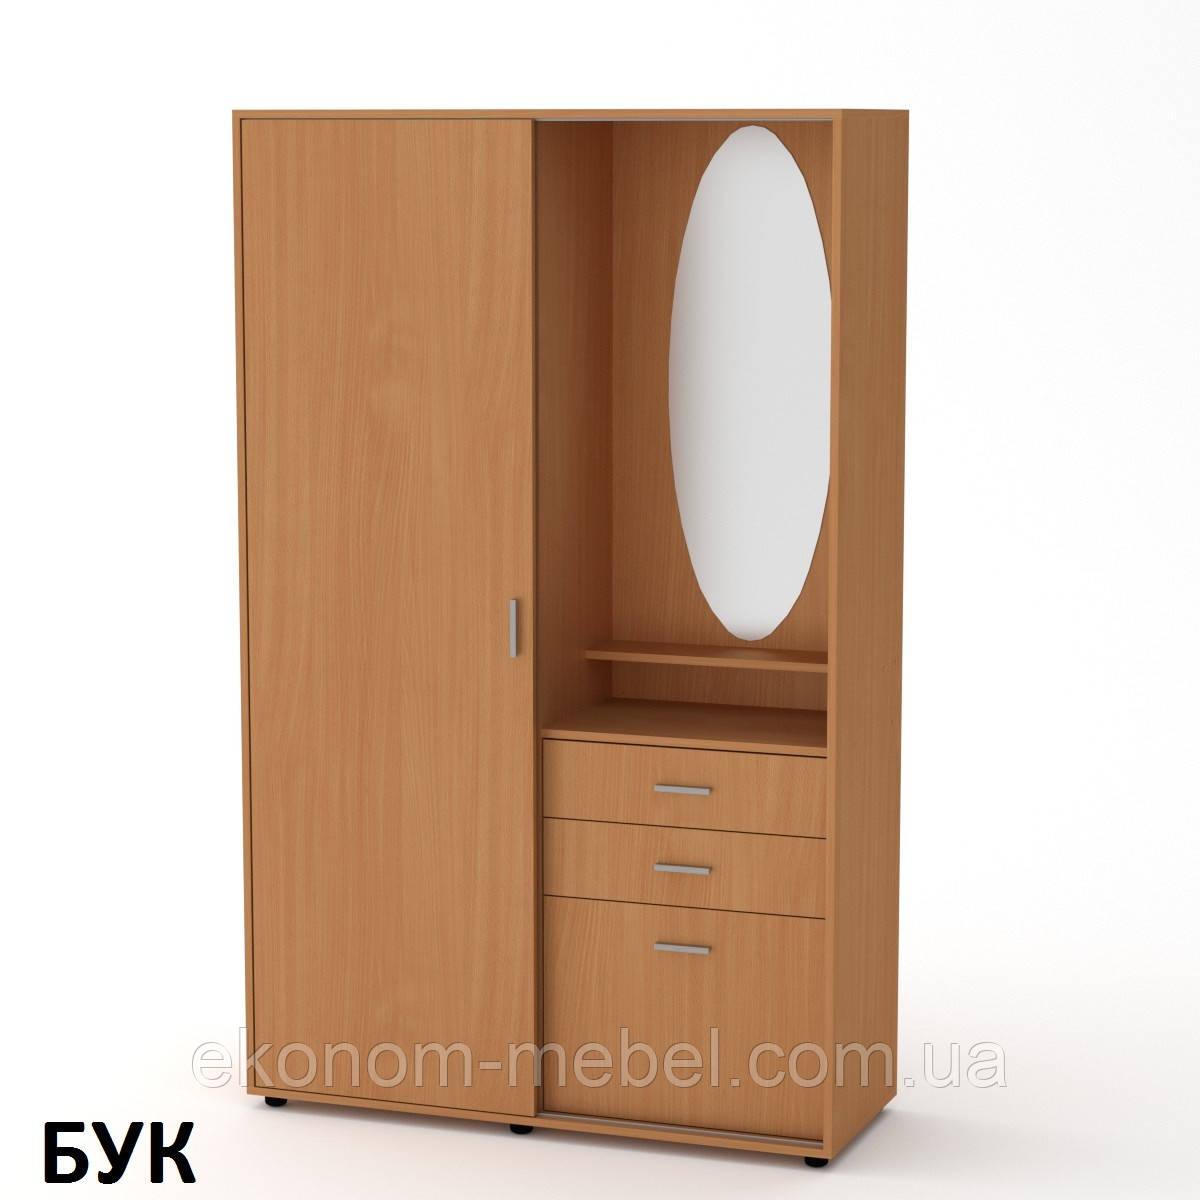 Прихожая-купе Алиса  с ящиками, шкафом и зеркалом